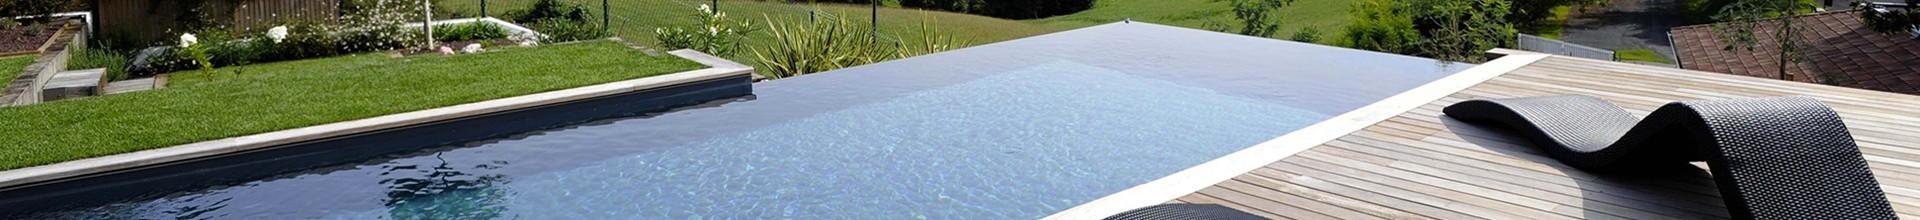 Direct usine, piscine coque prix Manche